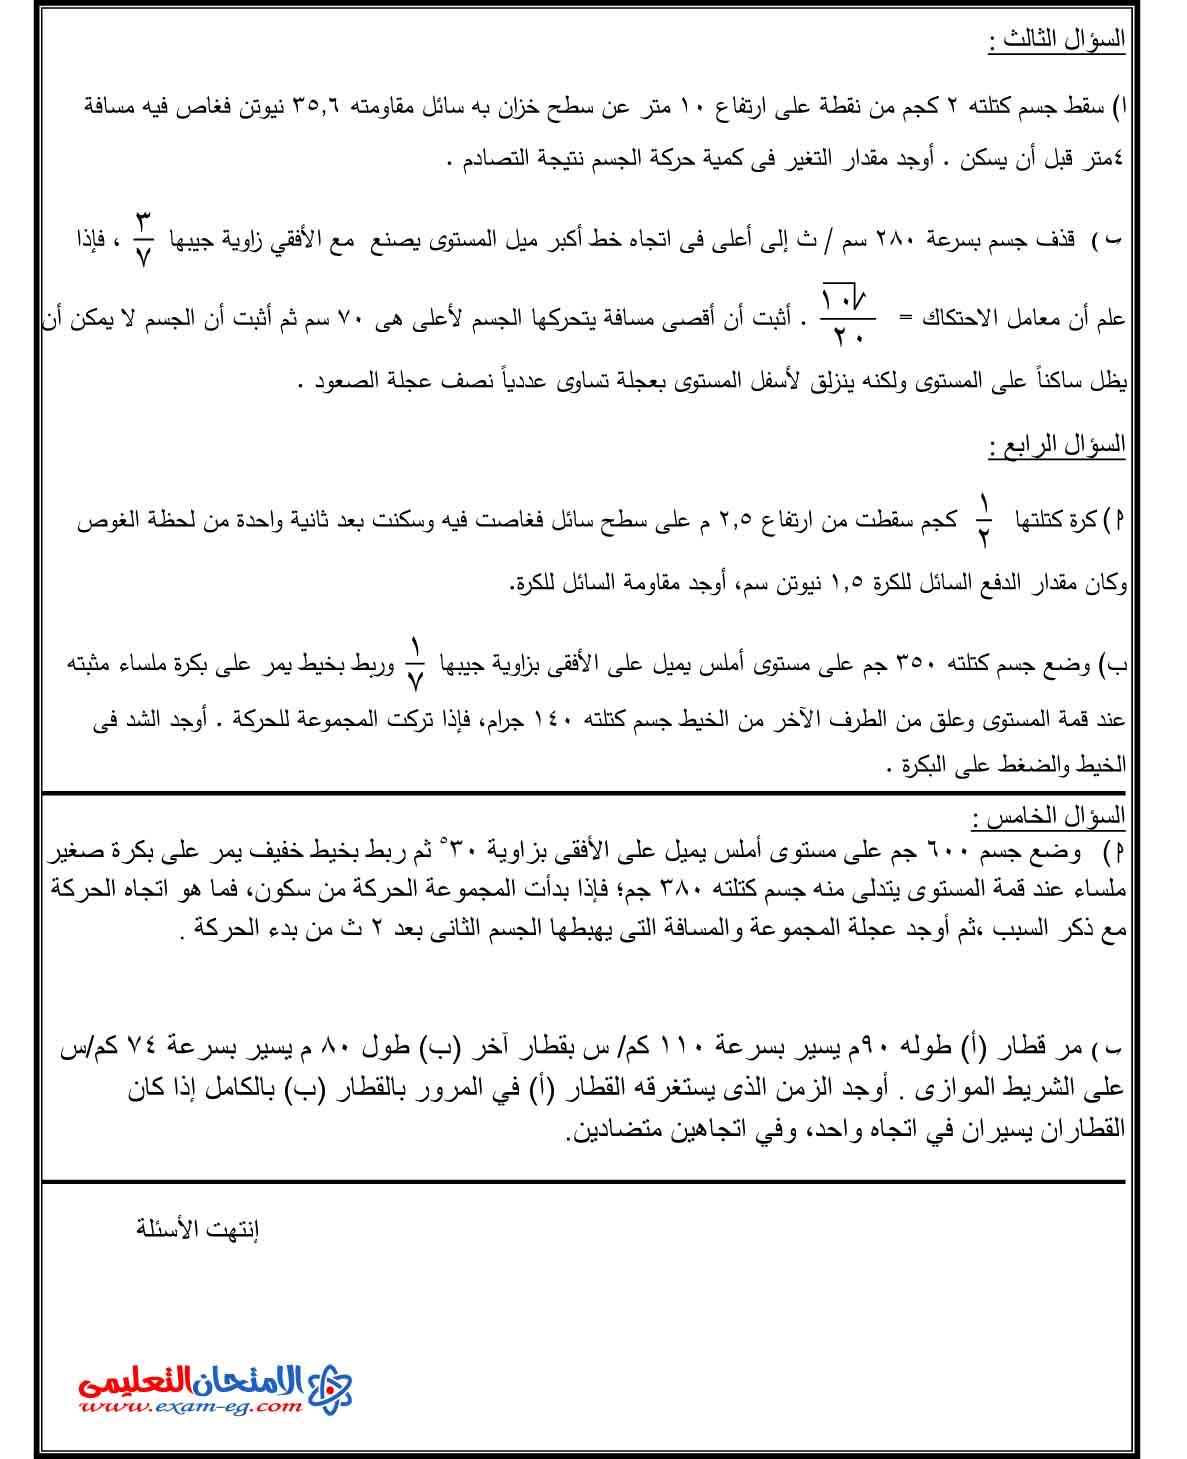 تفاضل وتكامل 3 - الامتحان التعليمى-2